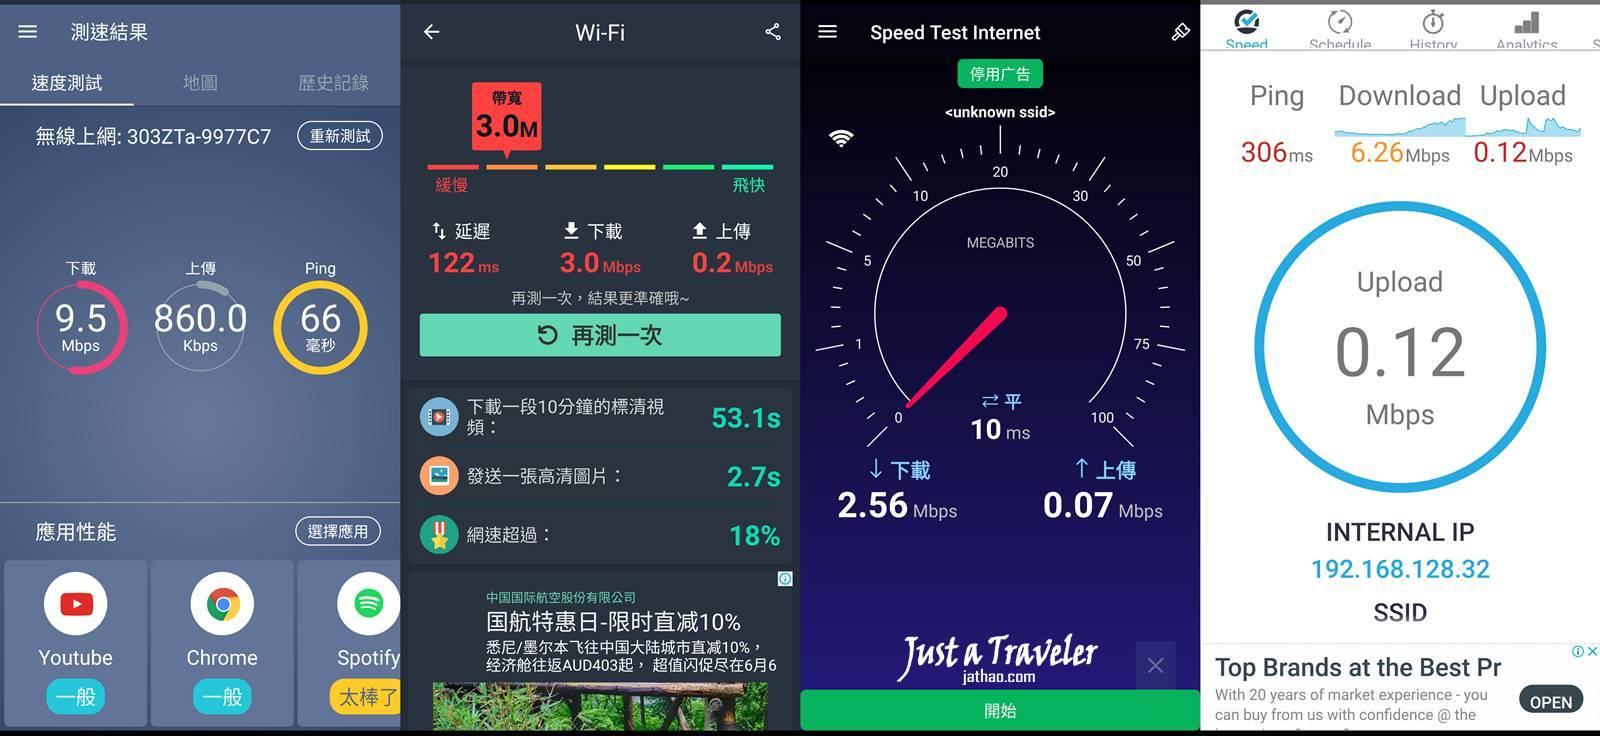 日本-上網-網路-Wifi-分享器-推薦-吃到飽-便宜-CP值-Global Wifi-速度-網速